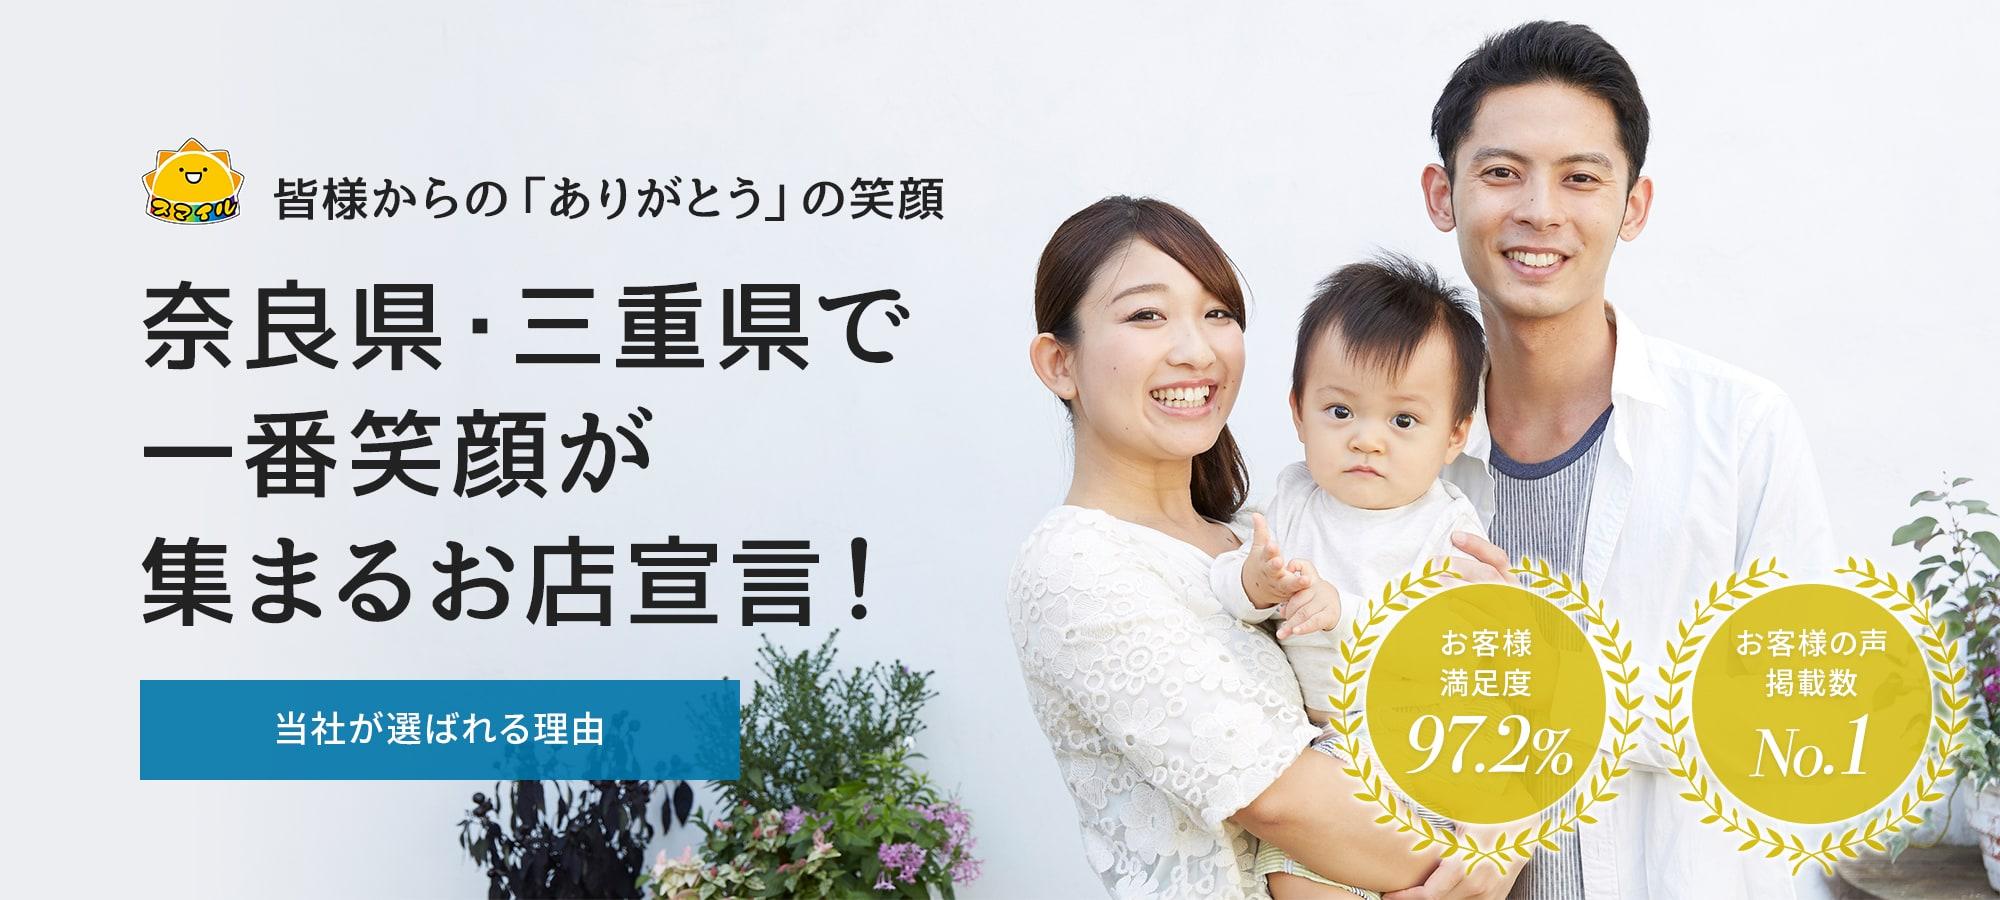 奈良県・三重県で一番笑顔が集まるお店宣言!